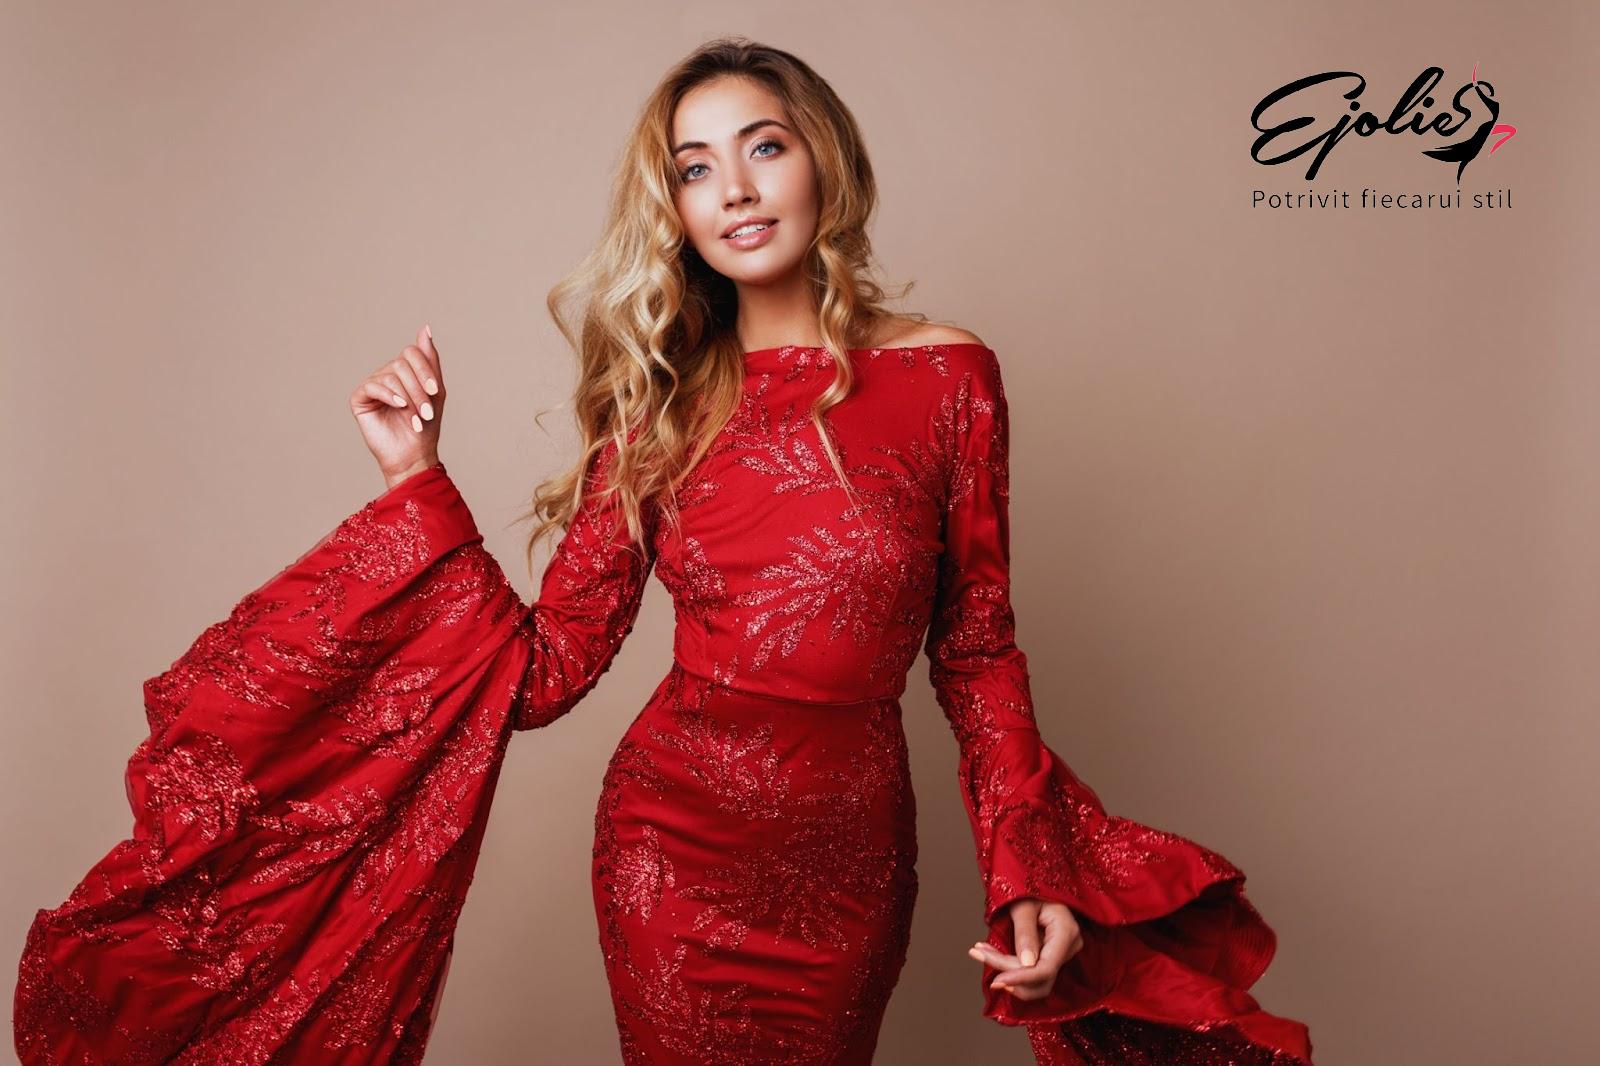 (P) 5 rochii de seara care îți pun în valoare silueta